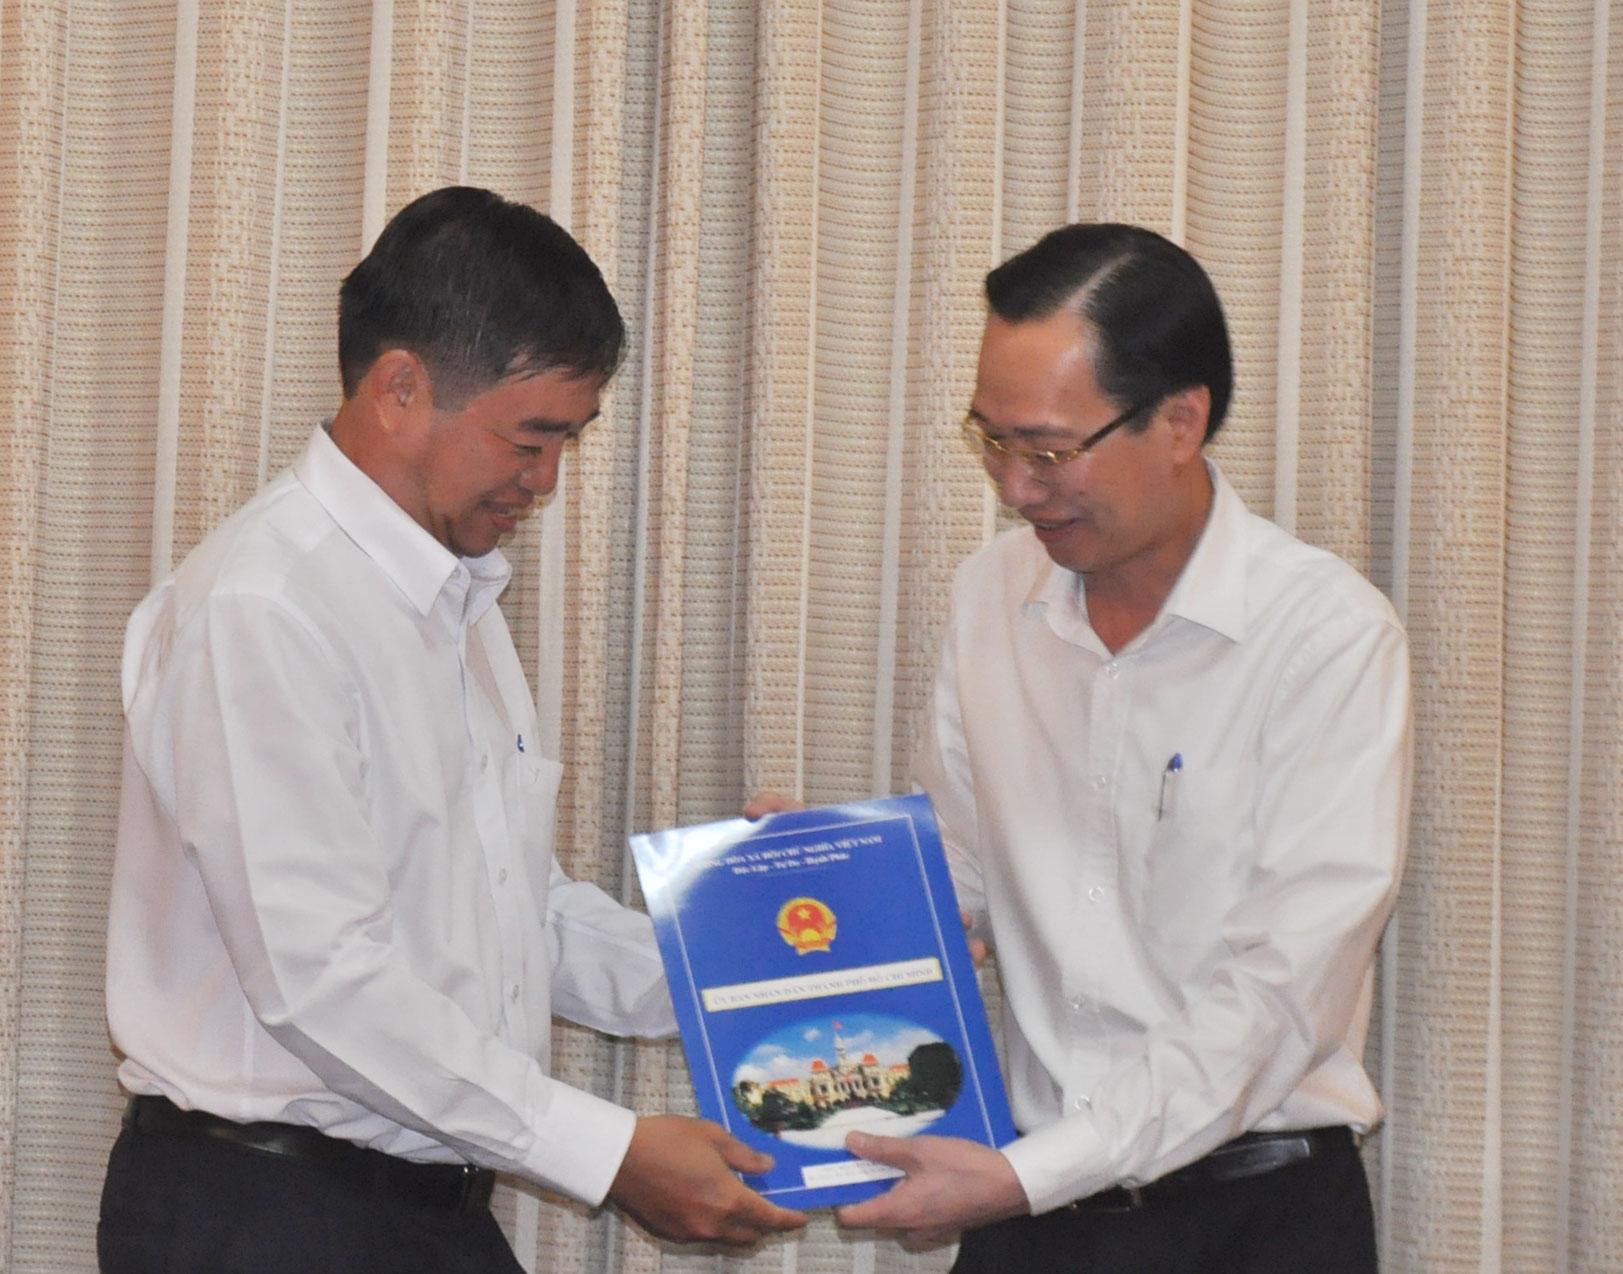 Phó Chủ tịch UBND TP Lê Thanh Liêm (bìa phải) trao quyết định điều động, bổ nhiệm cho ông Nguyễn Văn Trường